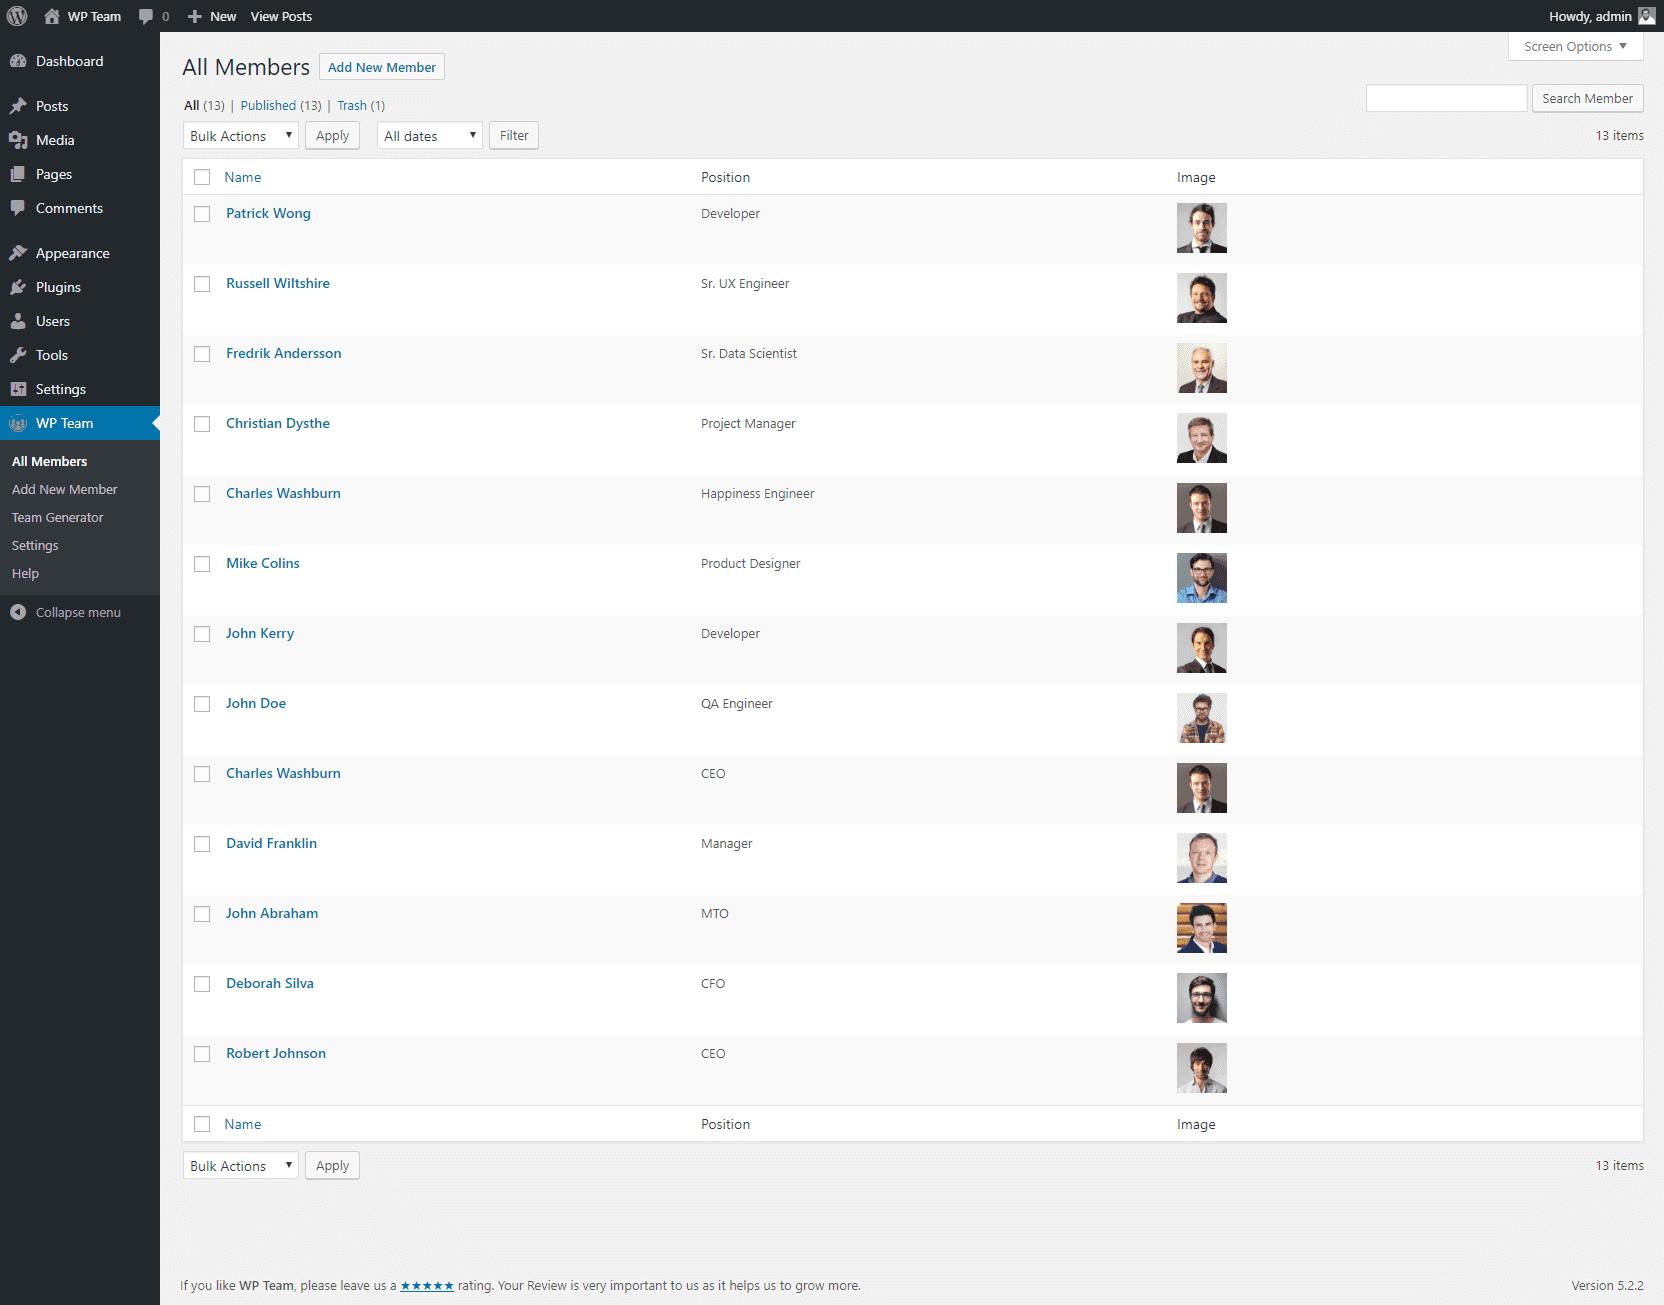 All Members (Admin view)